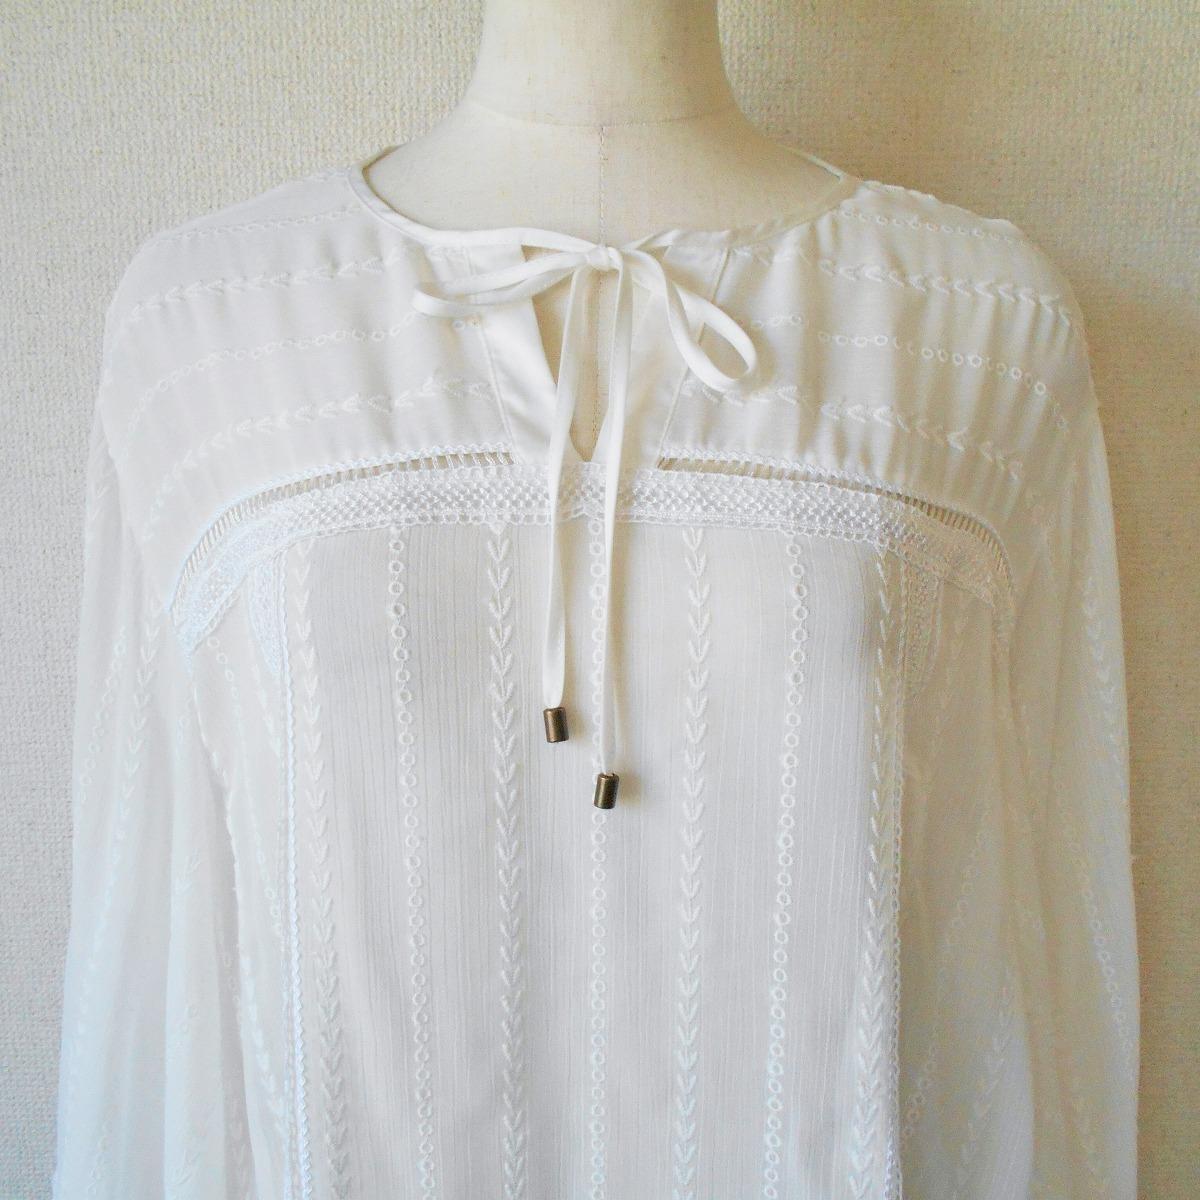 リリーブラウン Lily Brown お袖のデザインが お洒落 な シースルー チュニック ブラウス F_画像3